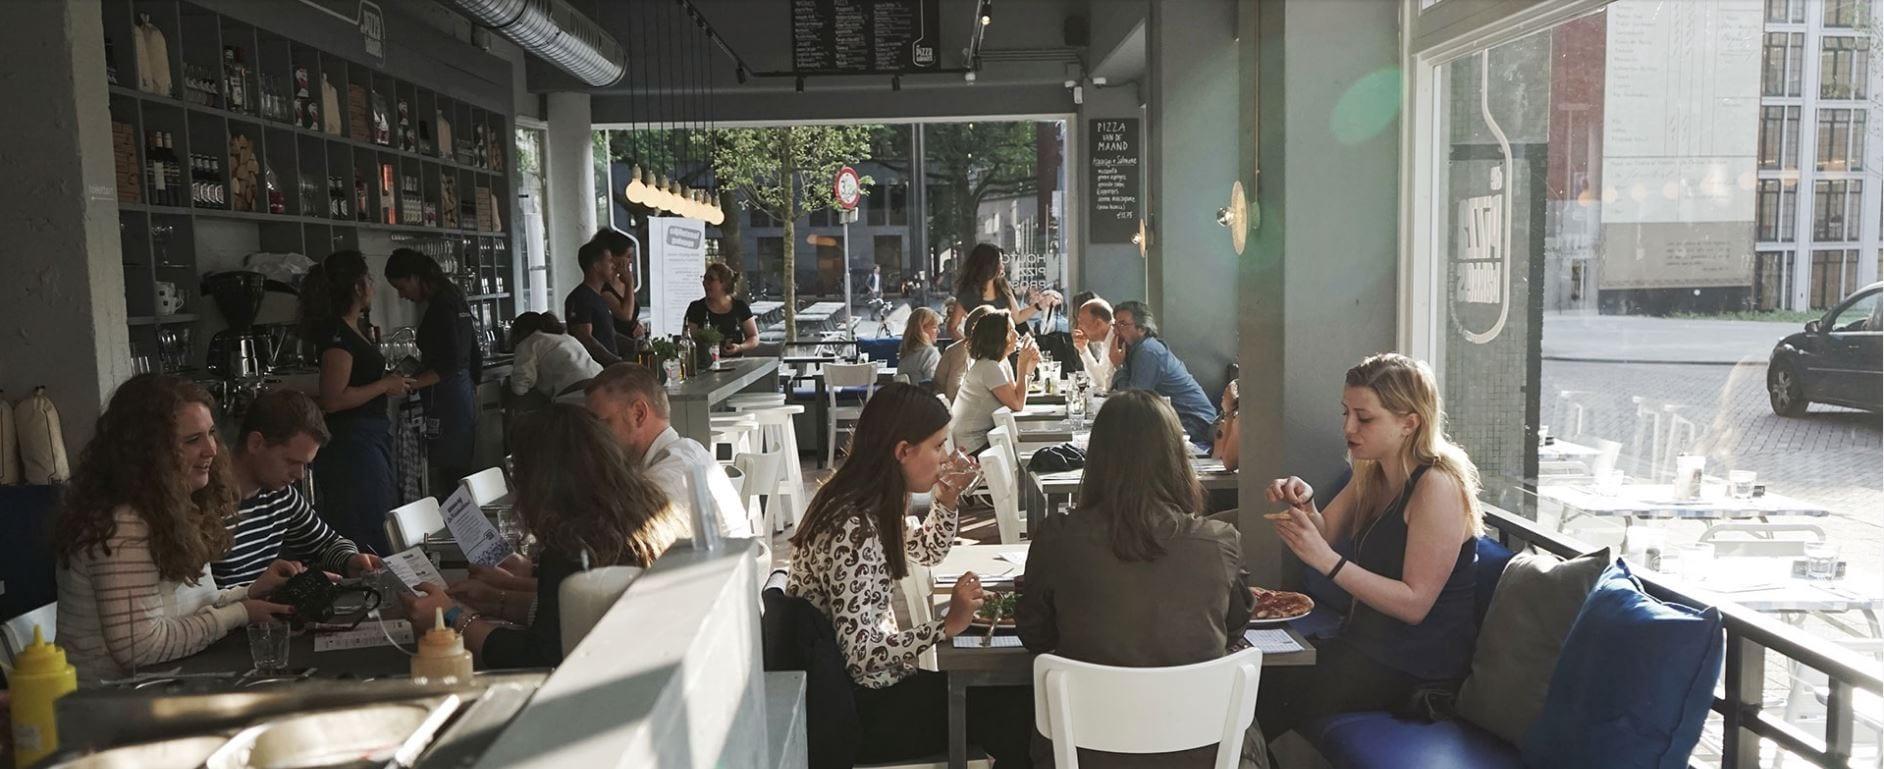 De Pizzabakkers - een rustige middag